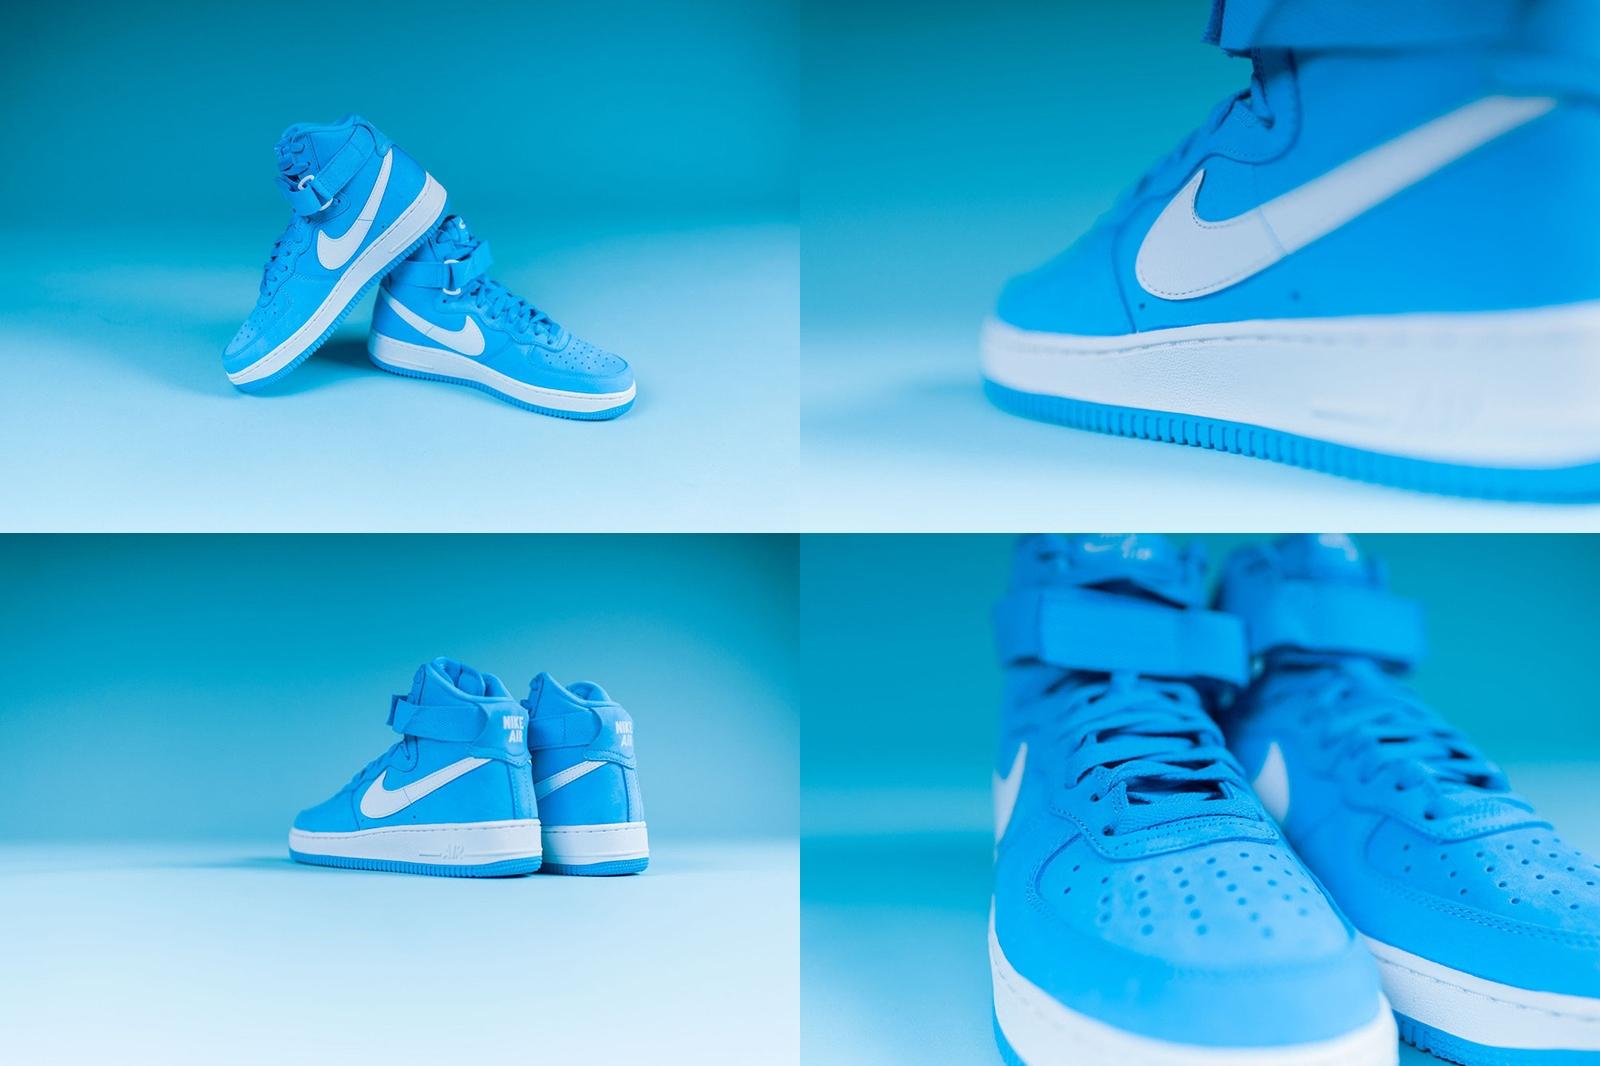 完美的藍白配色,傳達出冬天冰冷的時尚感,12月5號才上市,卻已佔據了許多潮人的話題中心,售價美金120元(約3600百元)!